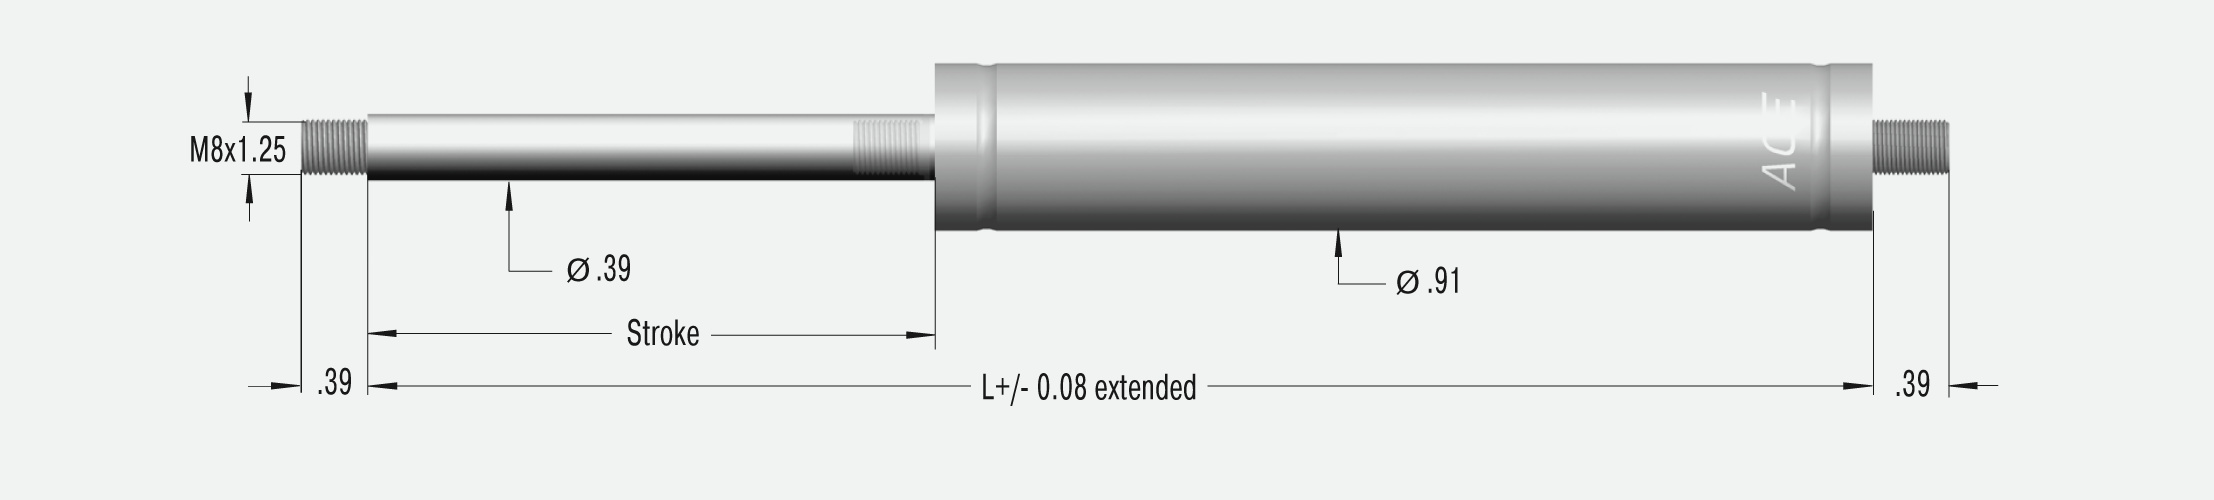 GS-22-350-V4A